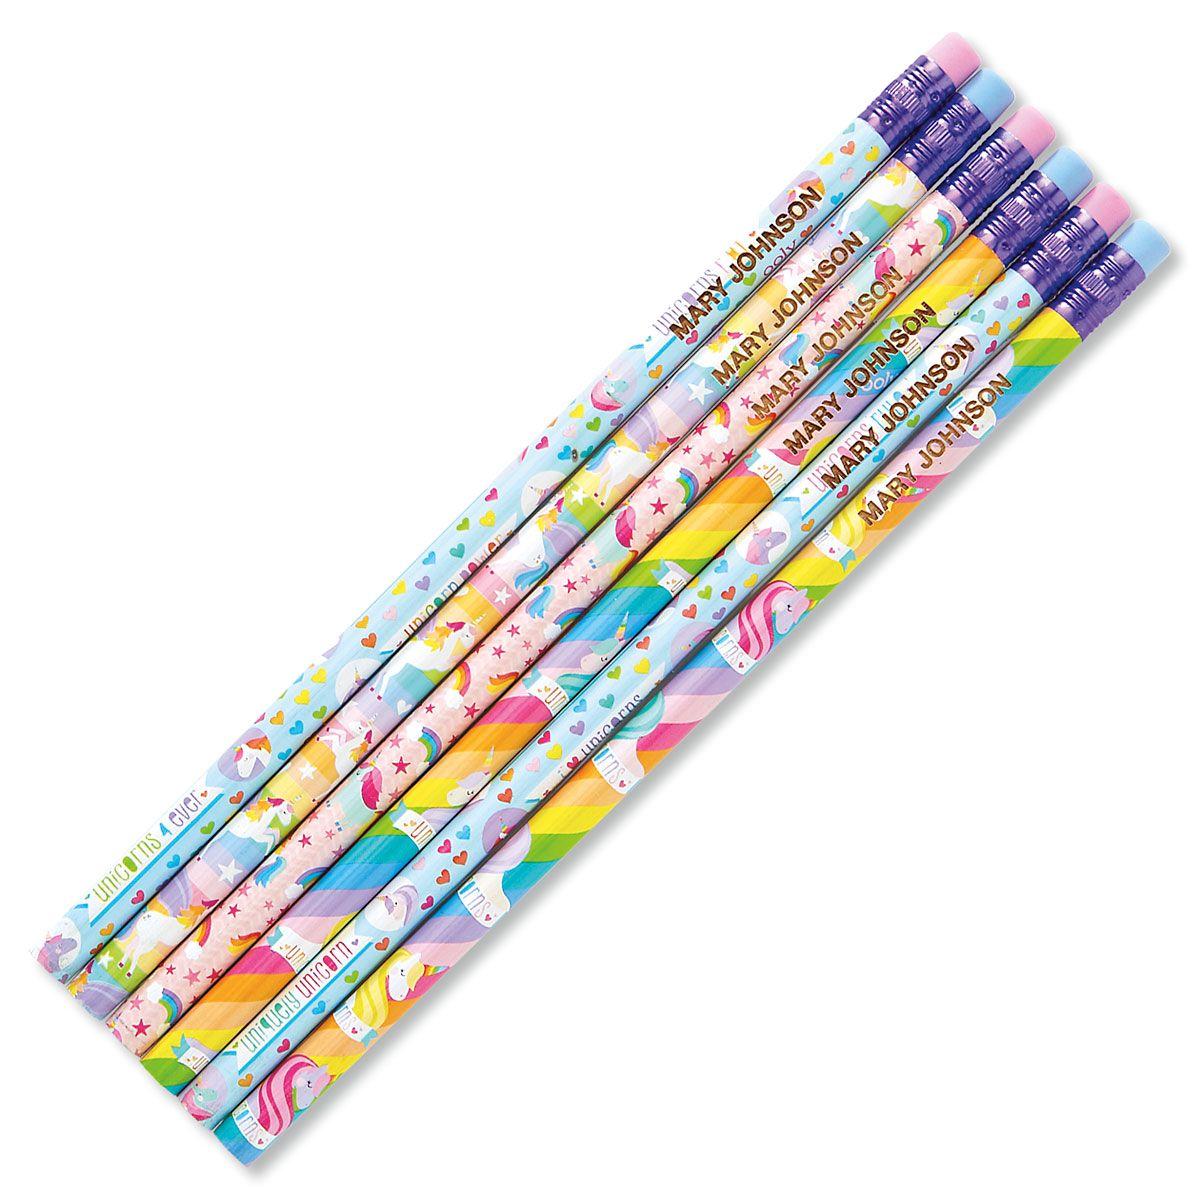 Unicorns Personalized Pencils Lillian Vernon